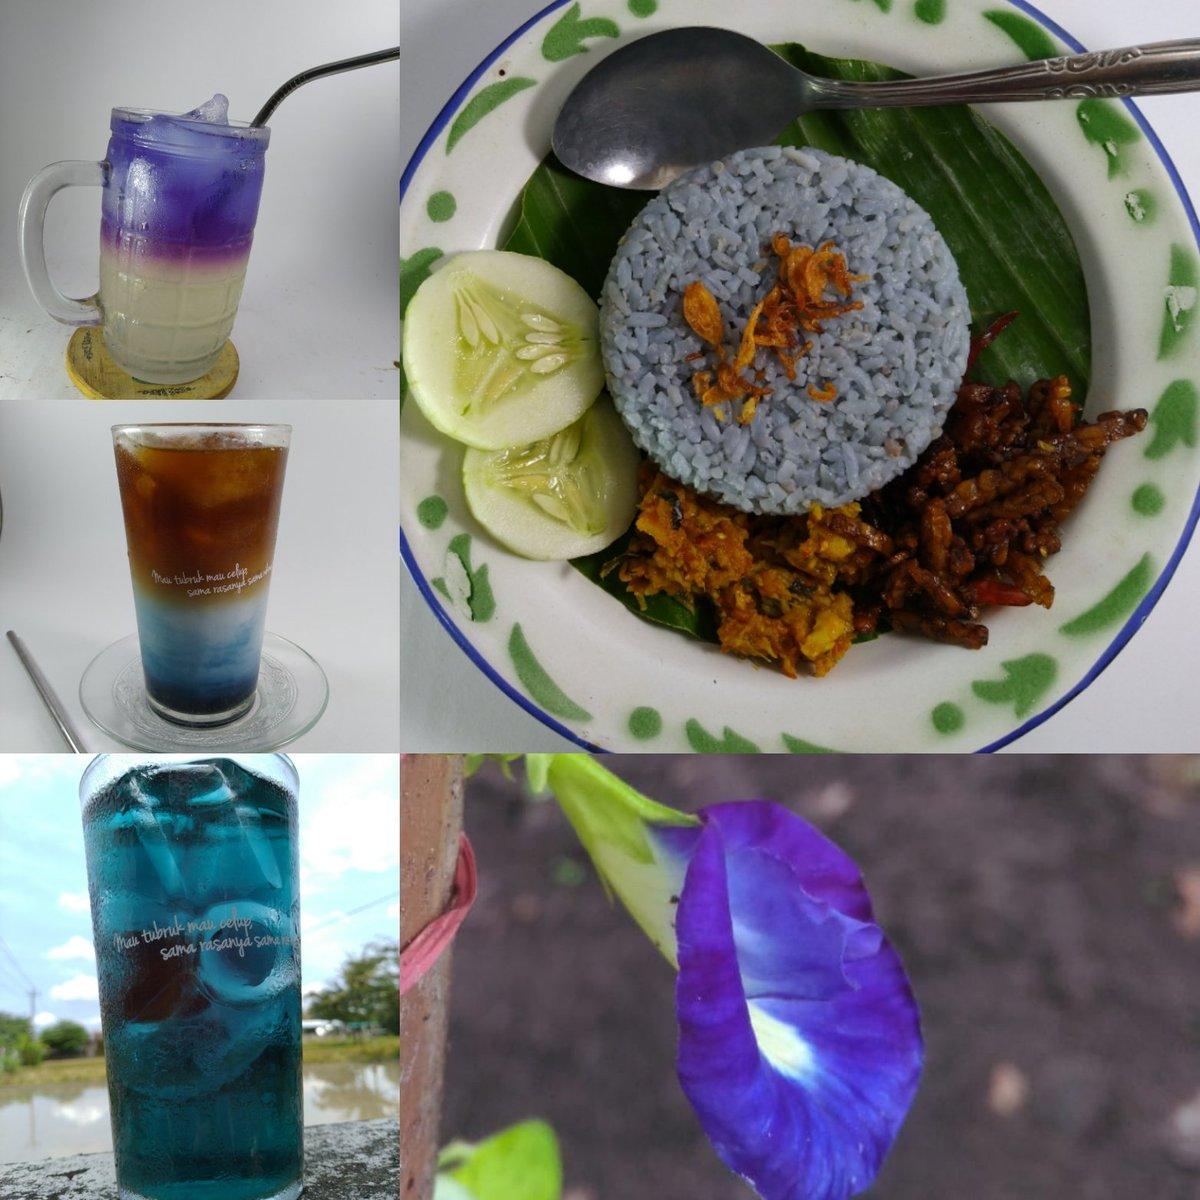 Bunga Telang Di Jogja On Twitter Bantuin Mas Tri 085641571436 Promosi Warung Kopi Oemah Babadan Menu Nasi Biru Bunga Telang 7500 Jeruk Ungu 8rb Kopi Menara Blue Coffee Latte 12rb Teh Biru